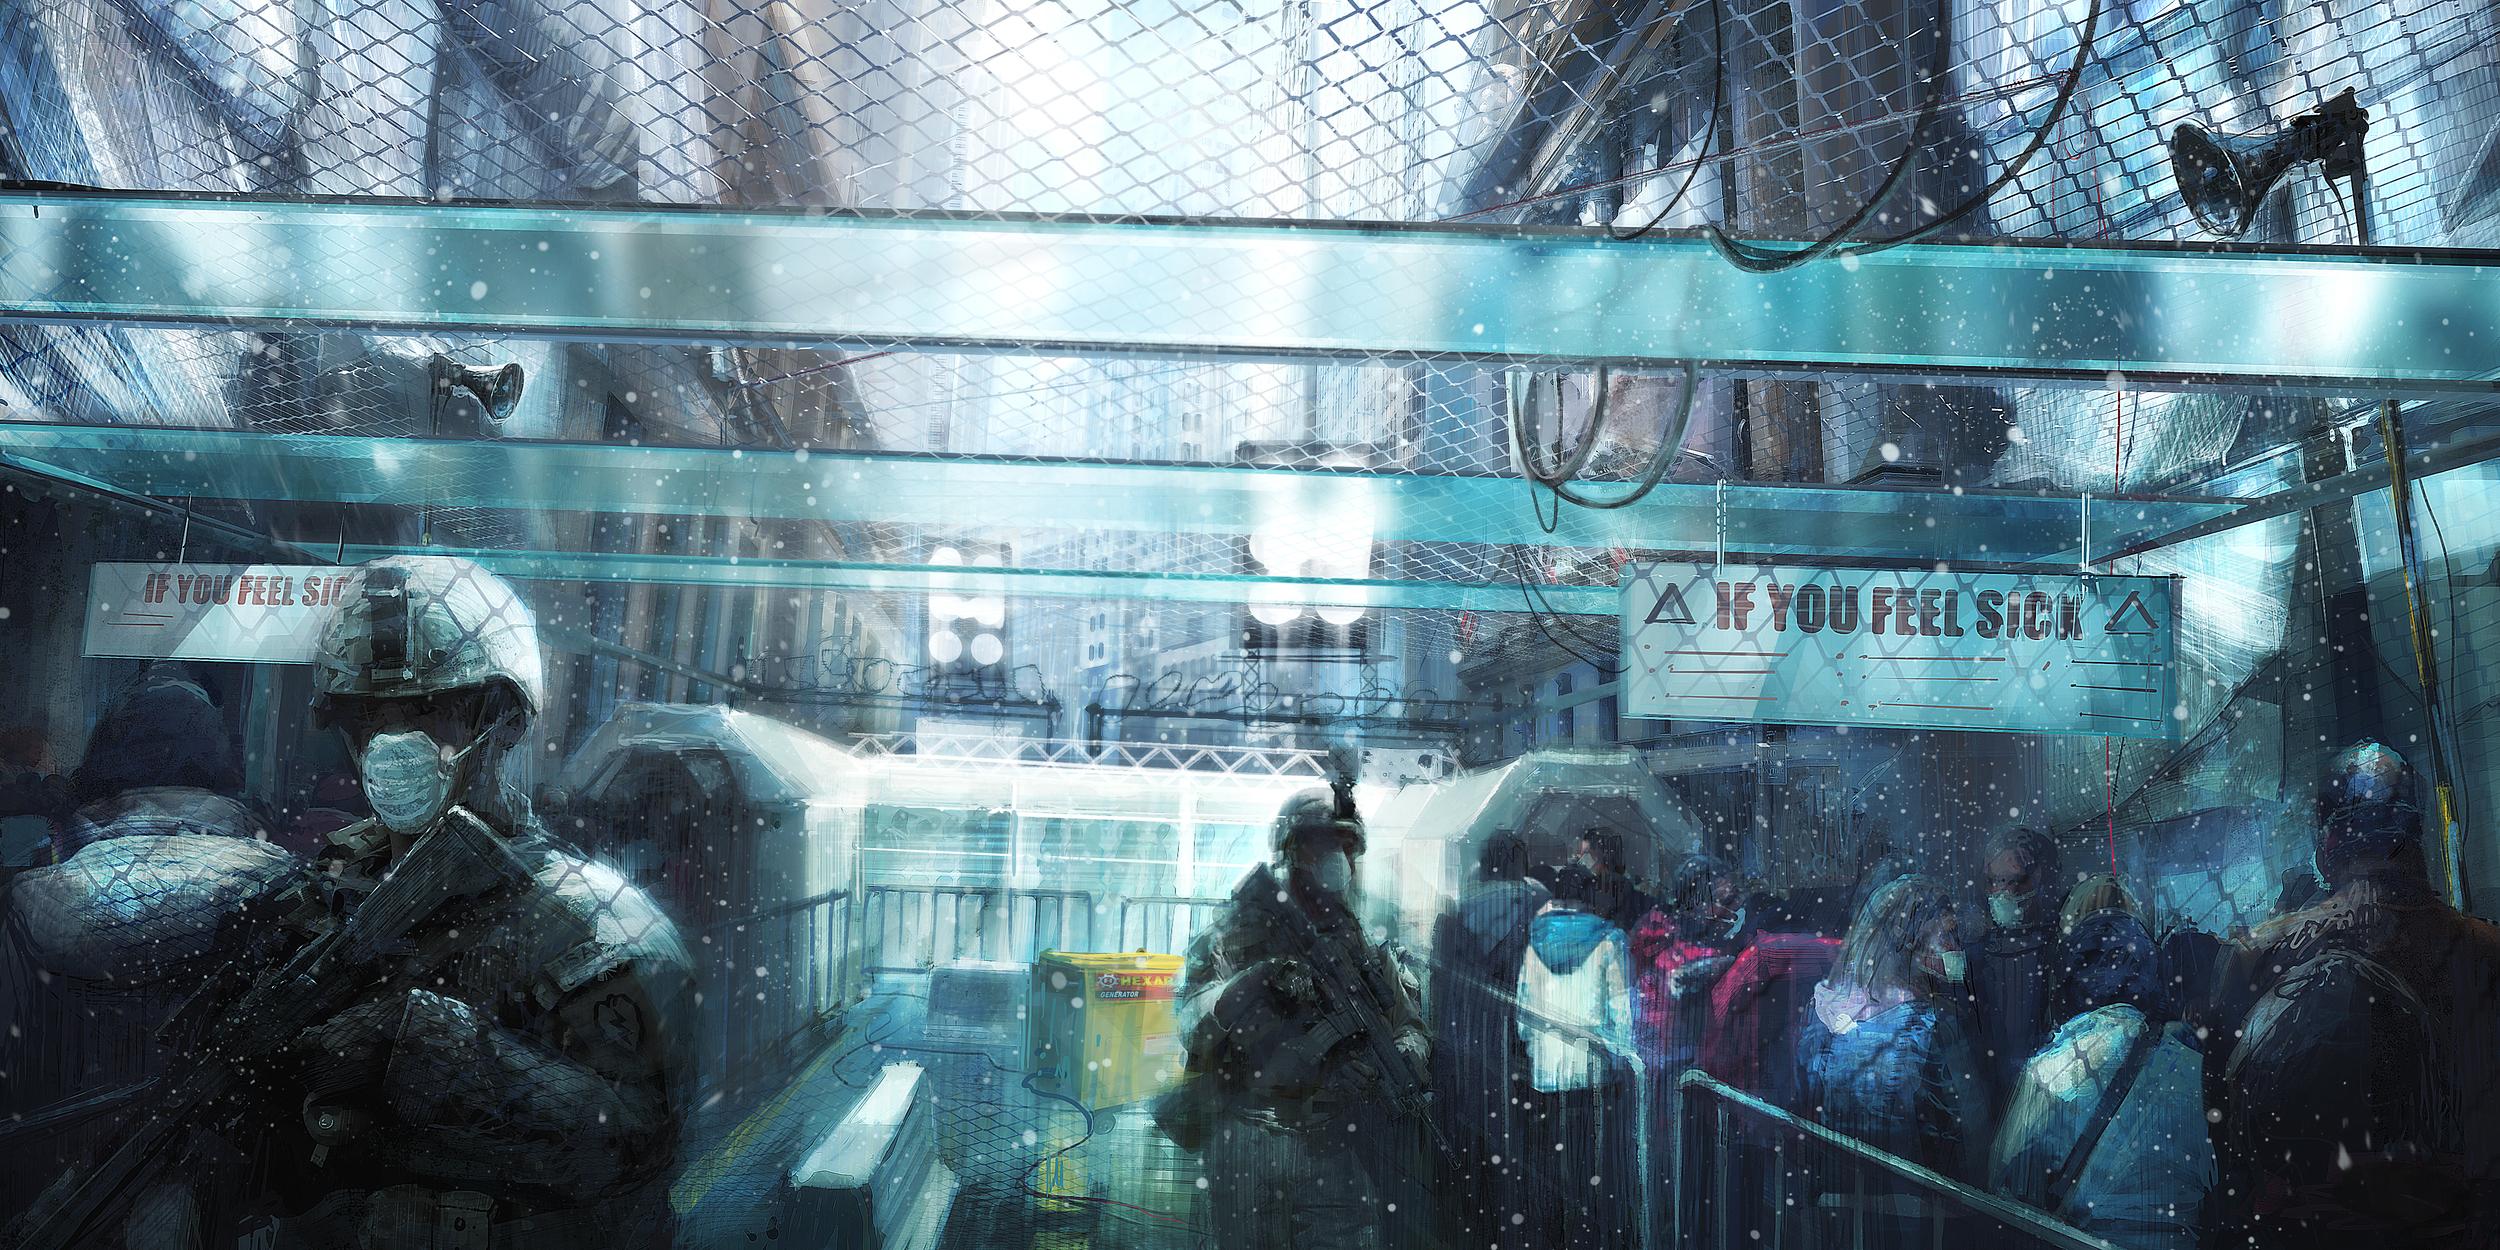 TCTD_Concept_Wall_Street_quarantine.jpg